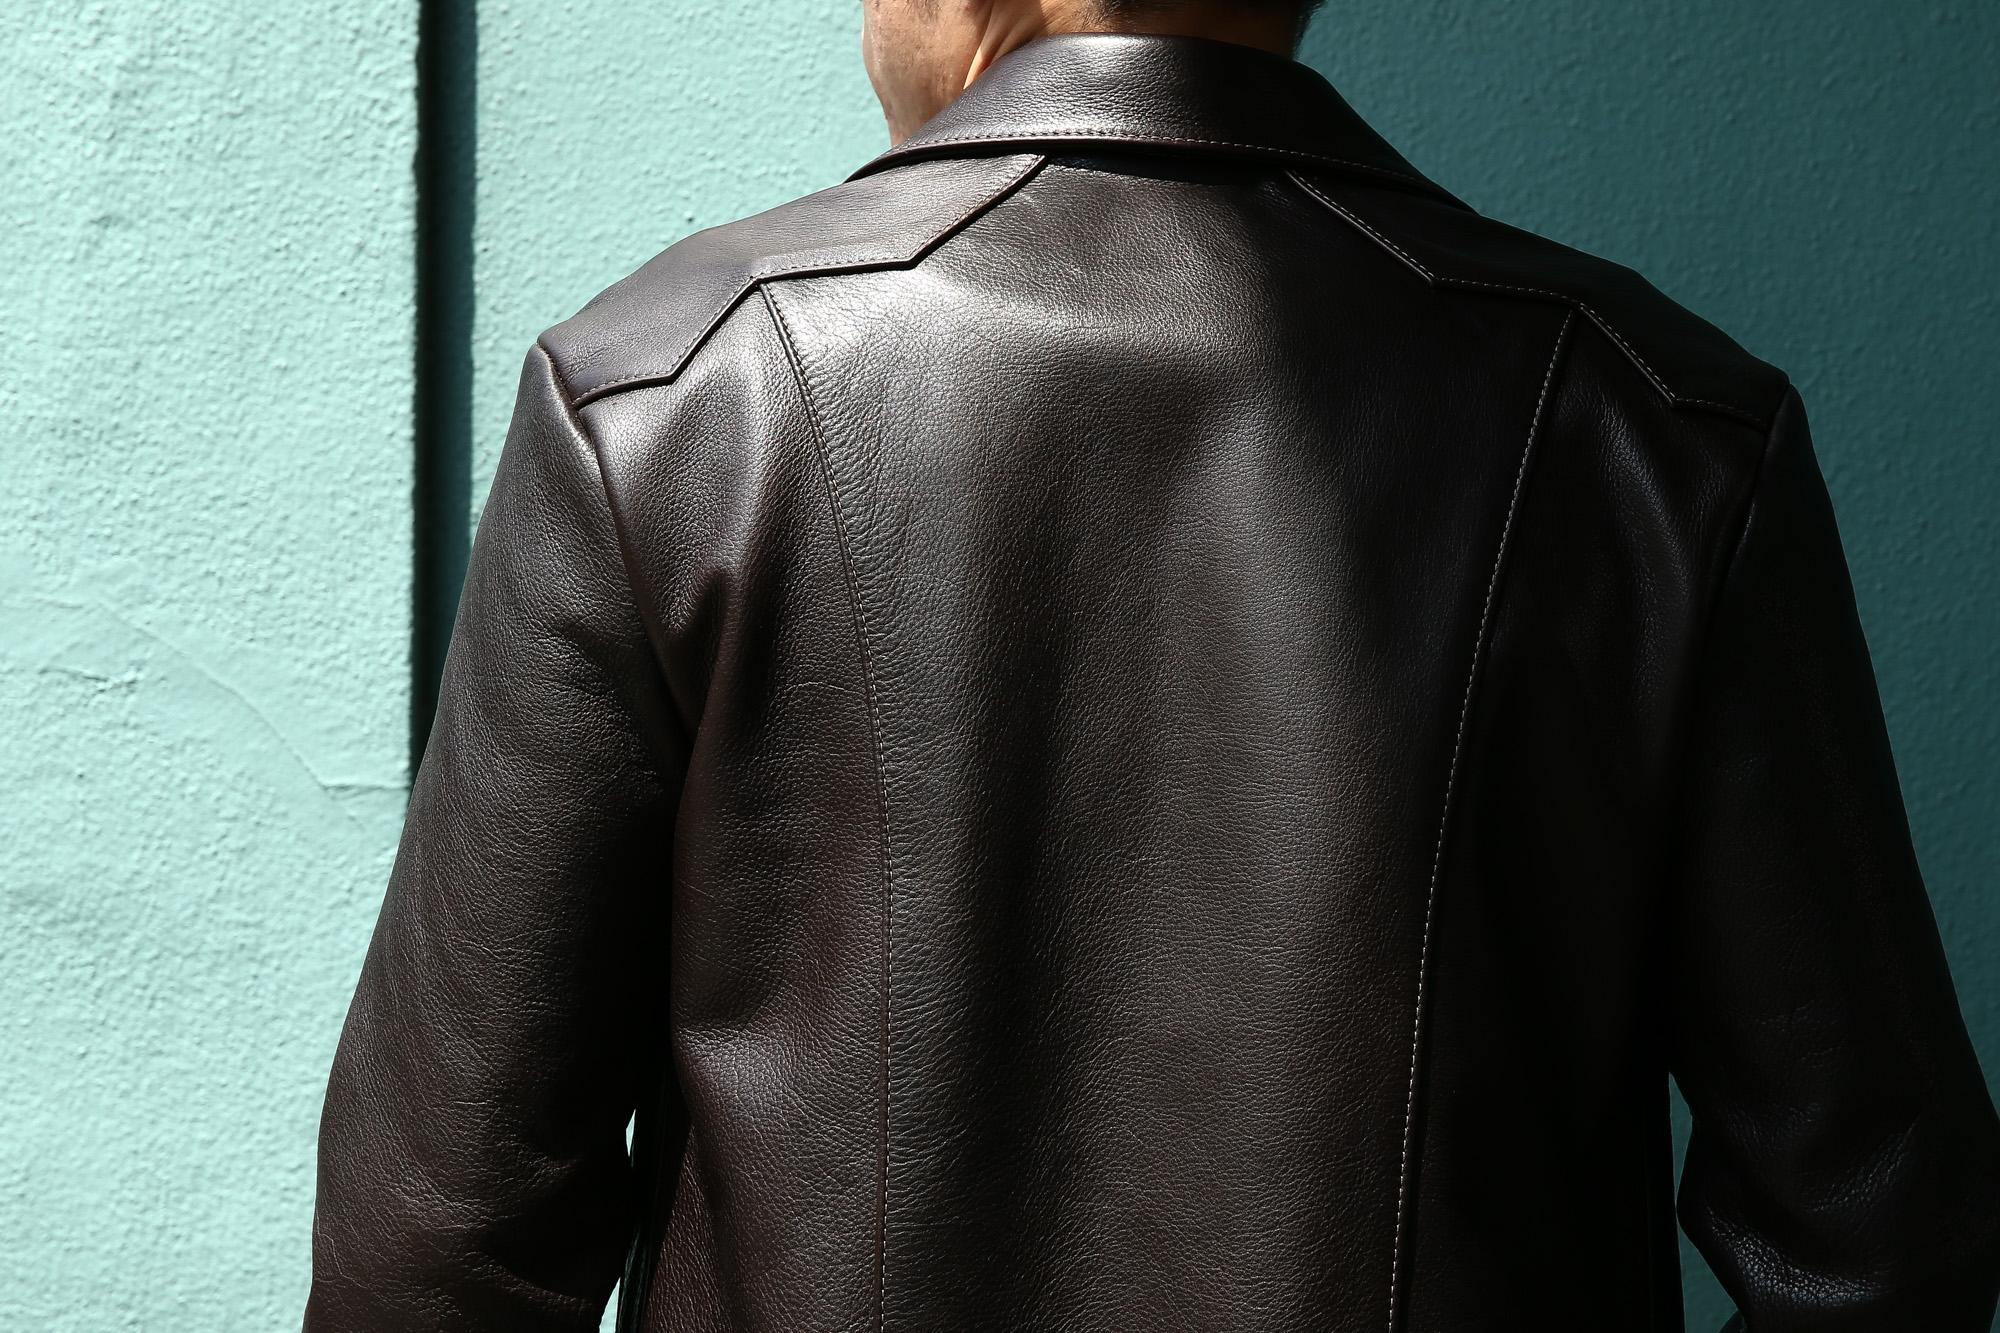 South Paradiso Leather(サウスパラディソレザー) East West イーストウエスト 【WINCHESTER // ウィンチェスター】 Cow Hide Leather カウハイドレザー レザージャケット DARK BROWN(ダークブラウン) MADE IN USA(アメリカ製) のコーディネート画像、 愛知 名古屋 Alto e Diritto アルト エ デリット サウスパラディソ パラディソ レザー ヴィンテージ ビンテージ